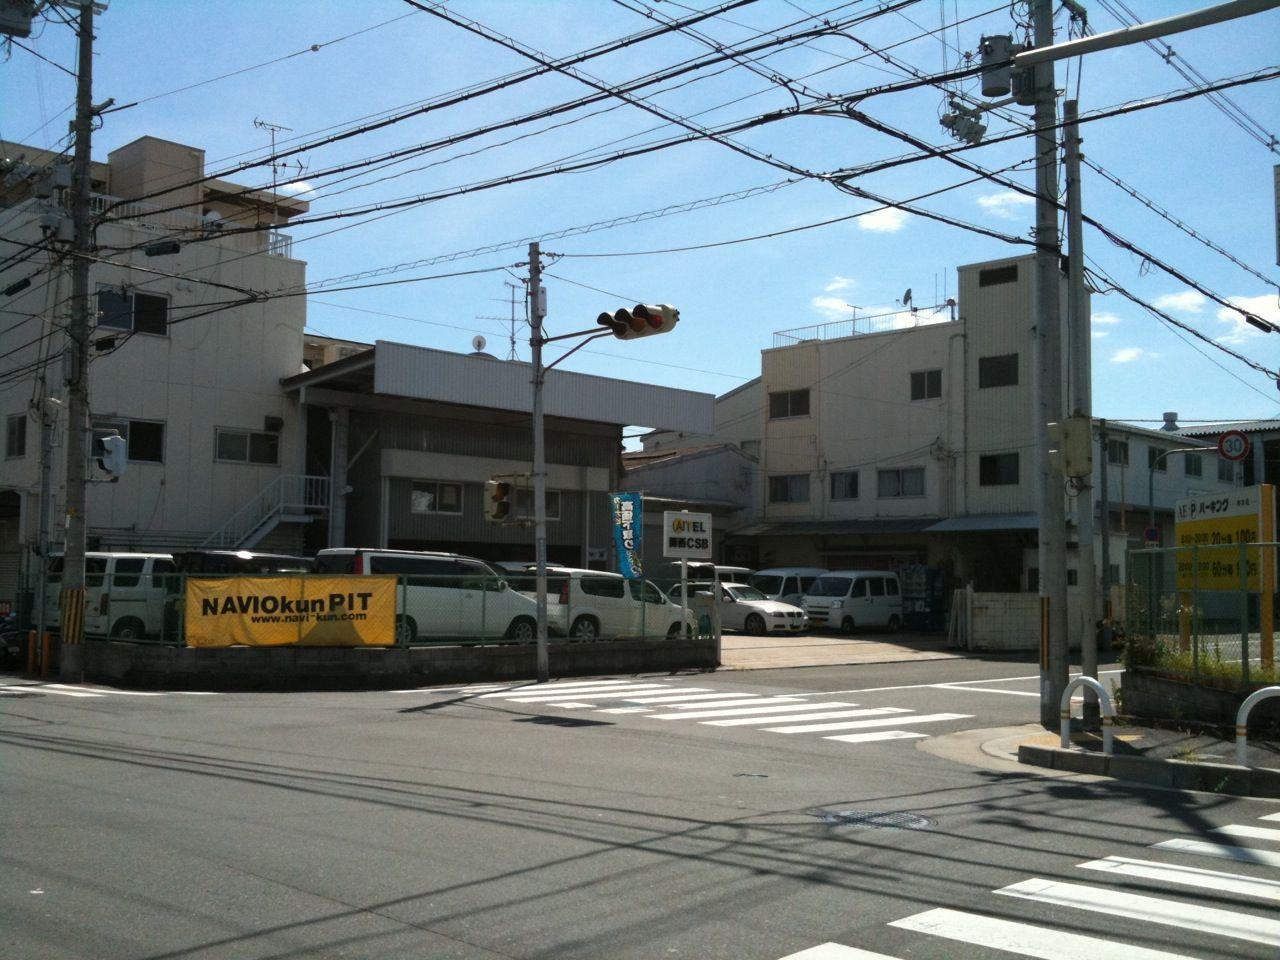 20100829_navio-kun.jpg